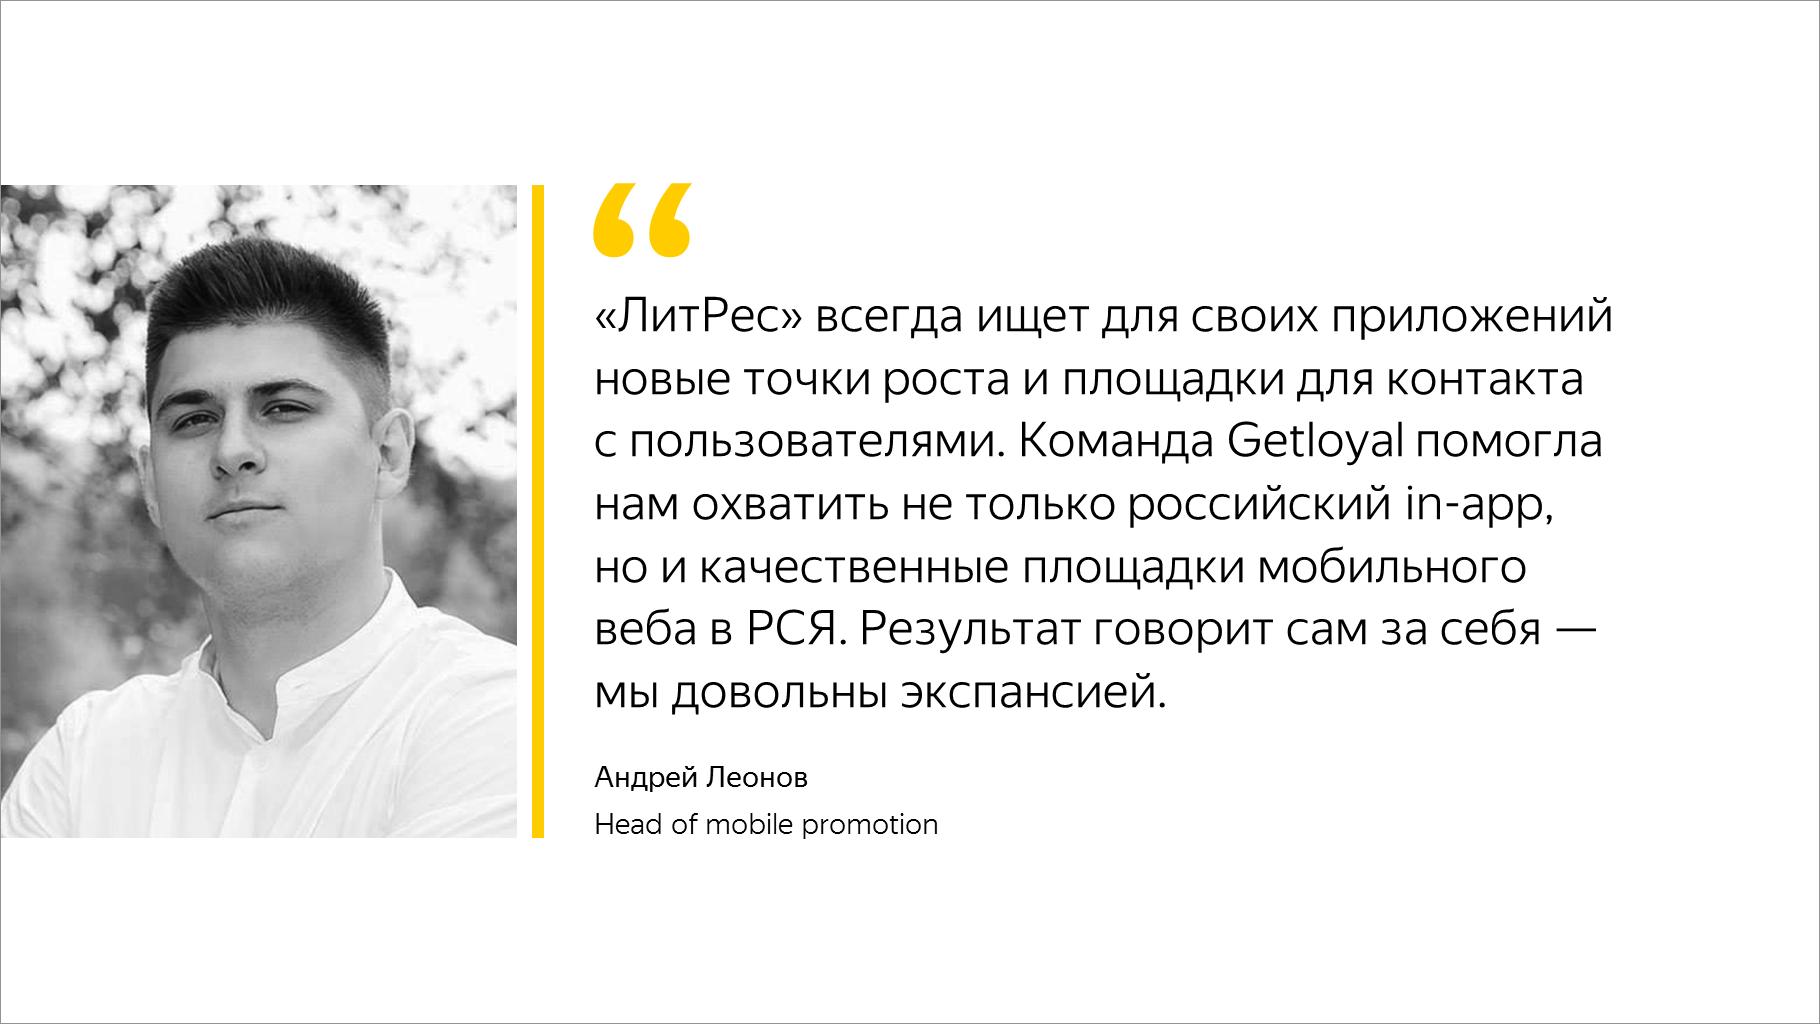 Андрей Леонов: «ЛитРес» всегда ищет для своих приложений новые точки роста и площадки для контакта  с пользователями.